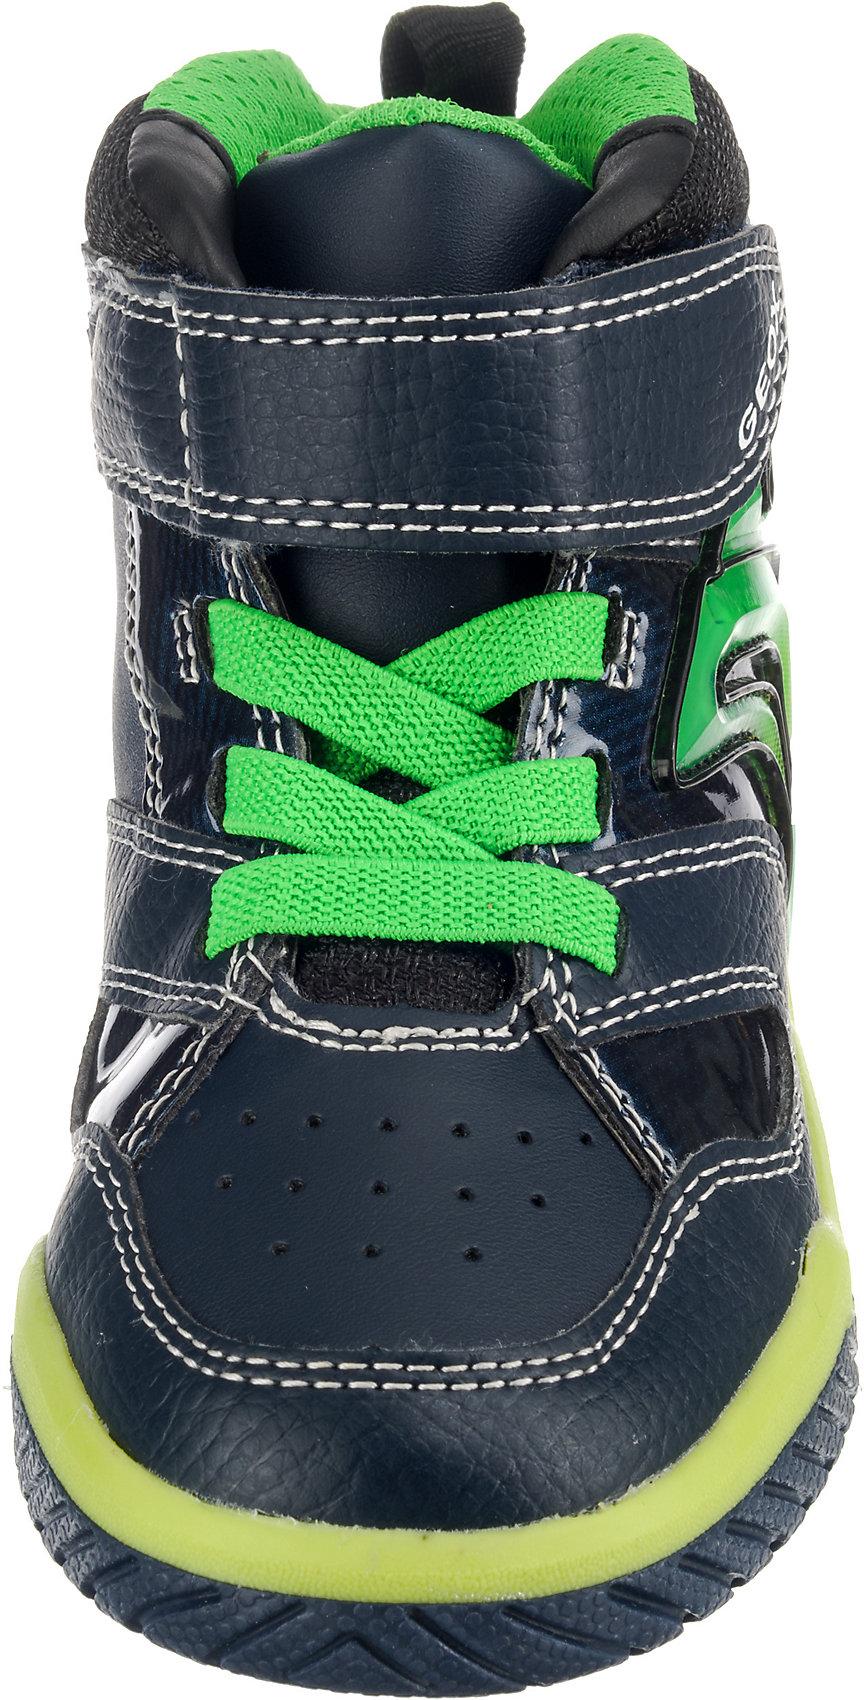 Details zu Neu GEOX Sneakers High INEK Blinkies für Jungen 11396800 für Jungen